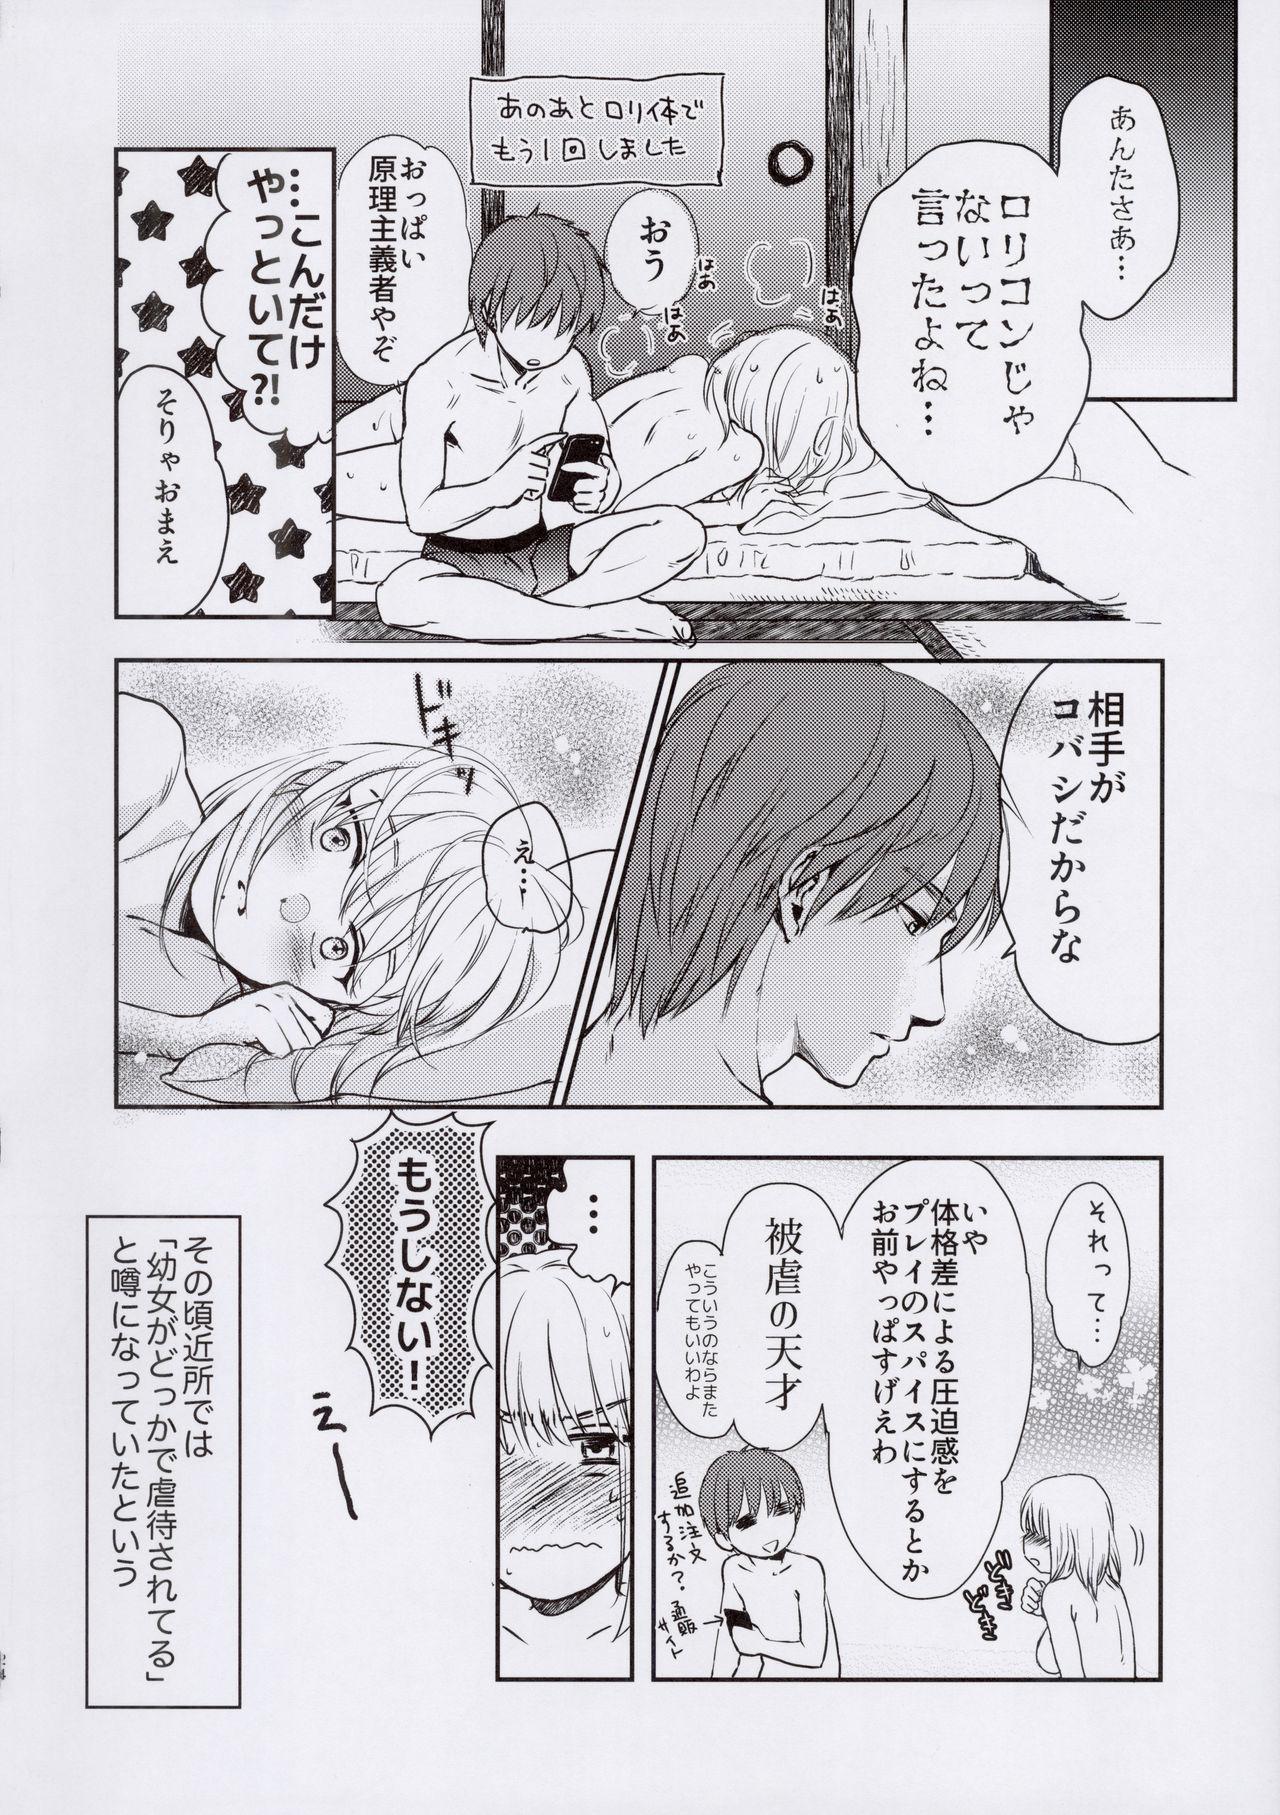 (COMITIA130) [Yowamidori (Saeki)] Nishimori-kun to Chiisai Kobashi-san 23